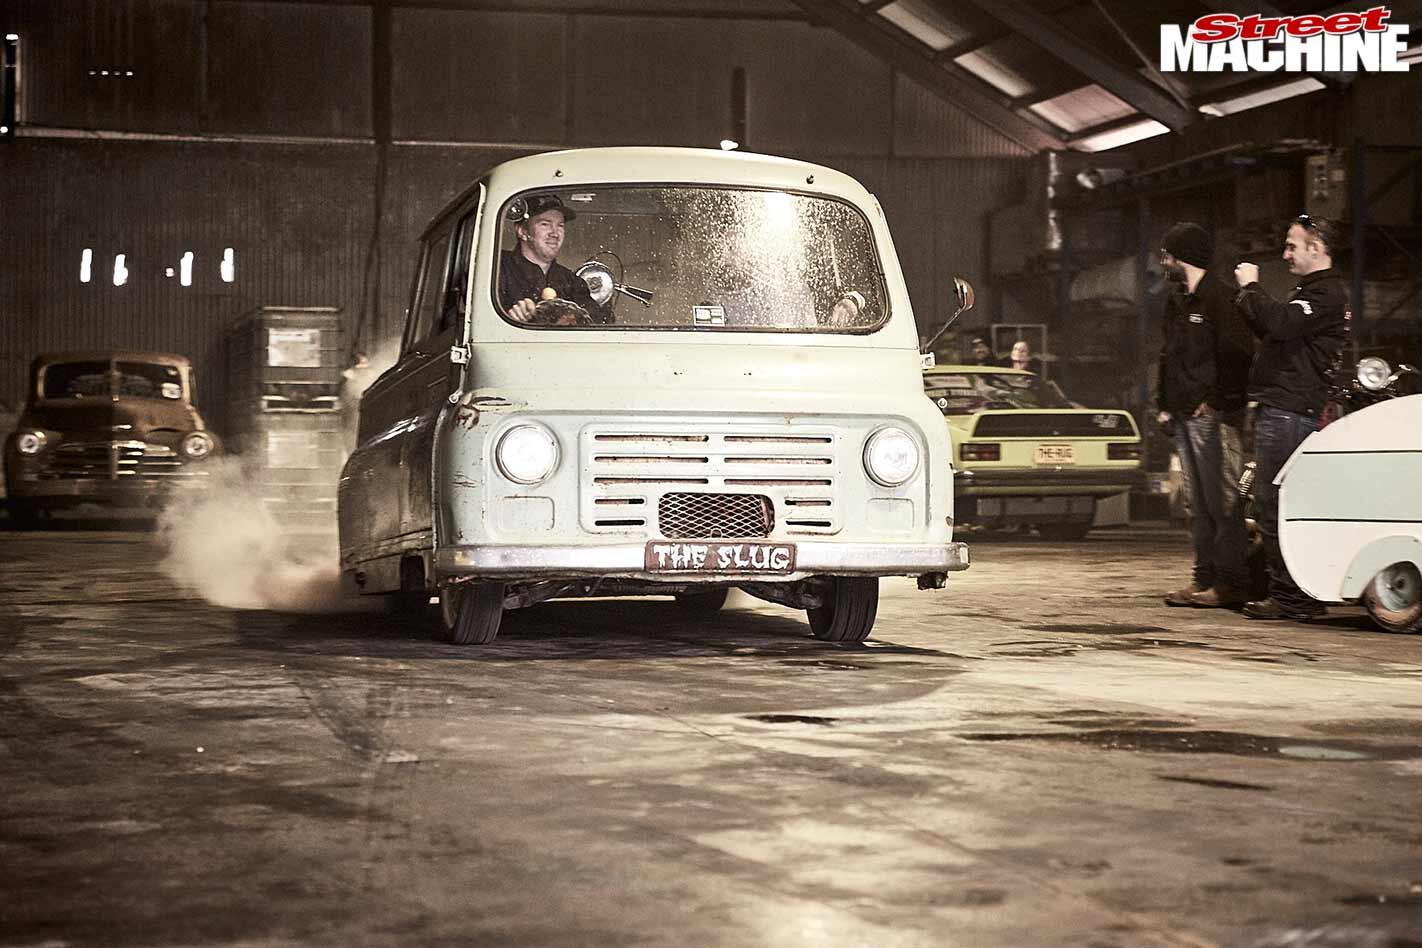 The Slug van